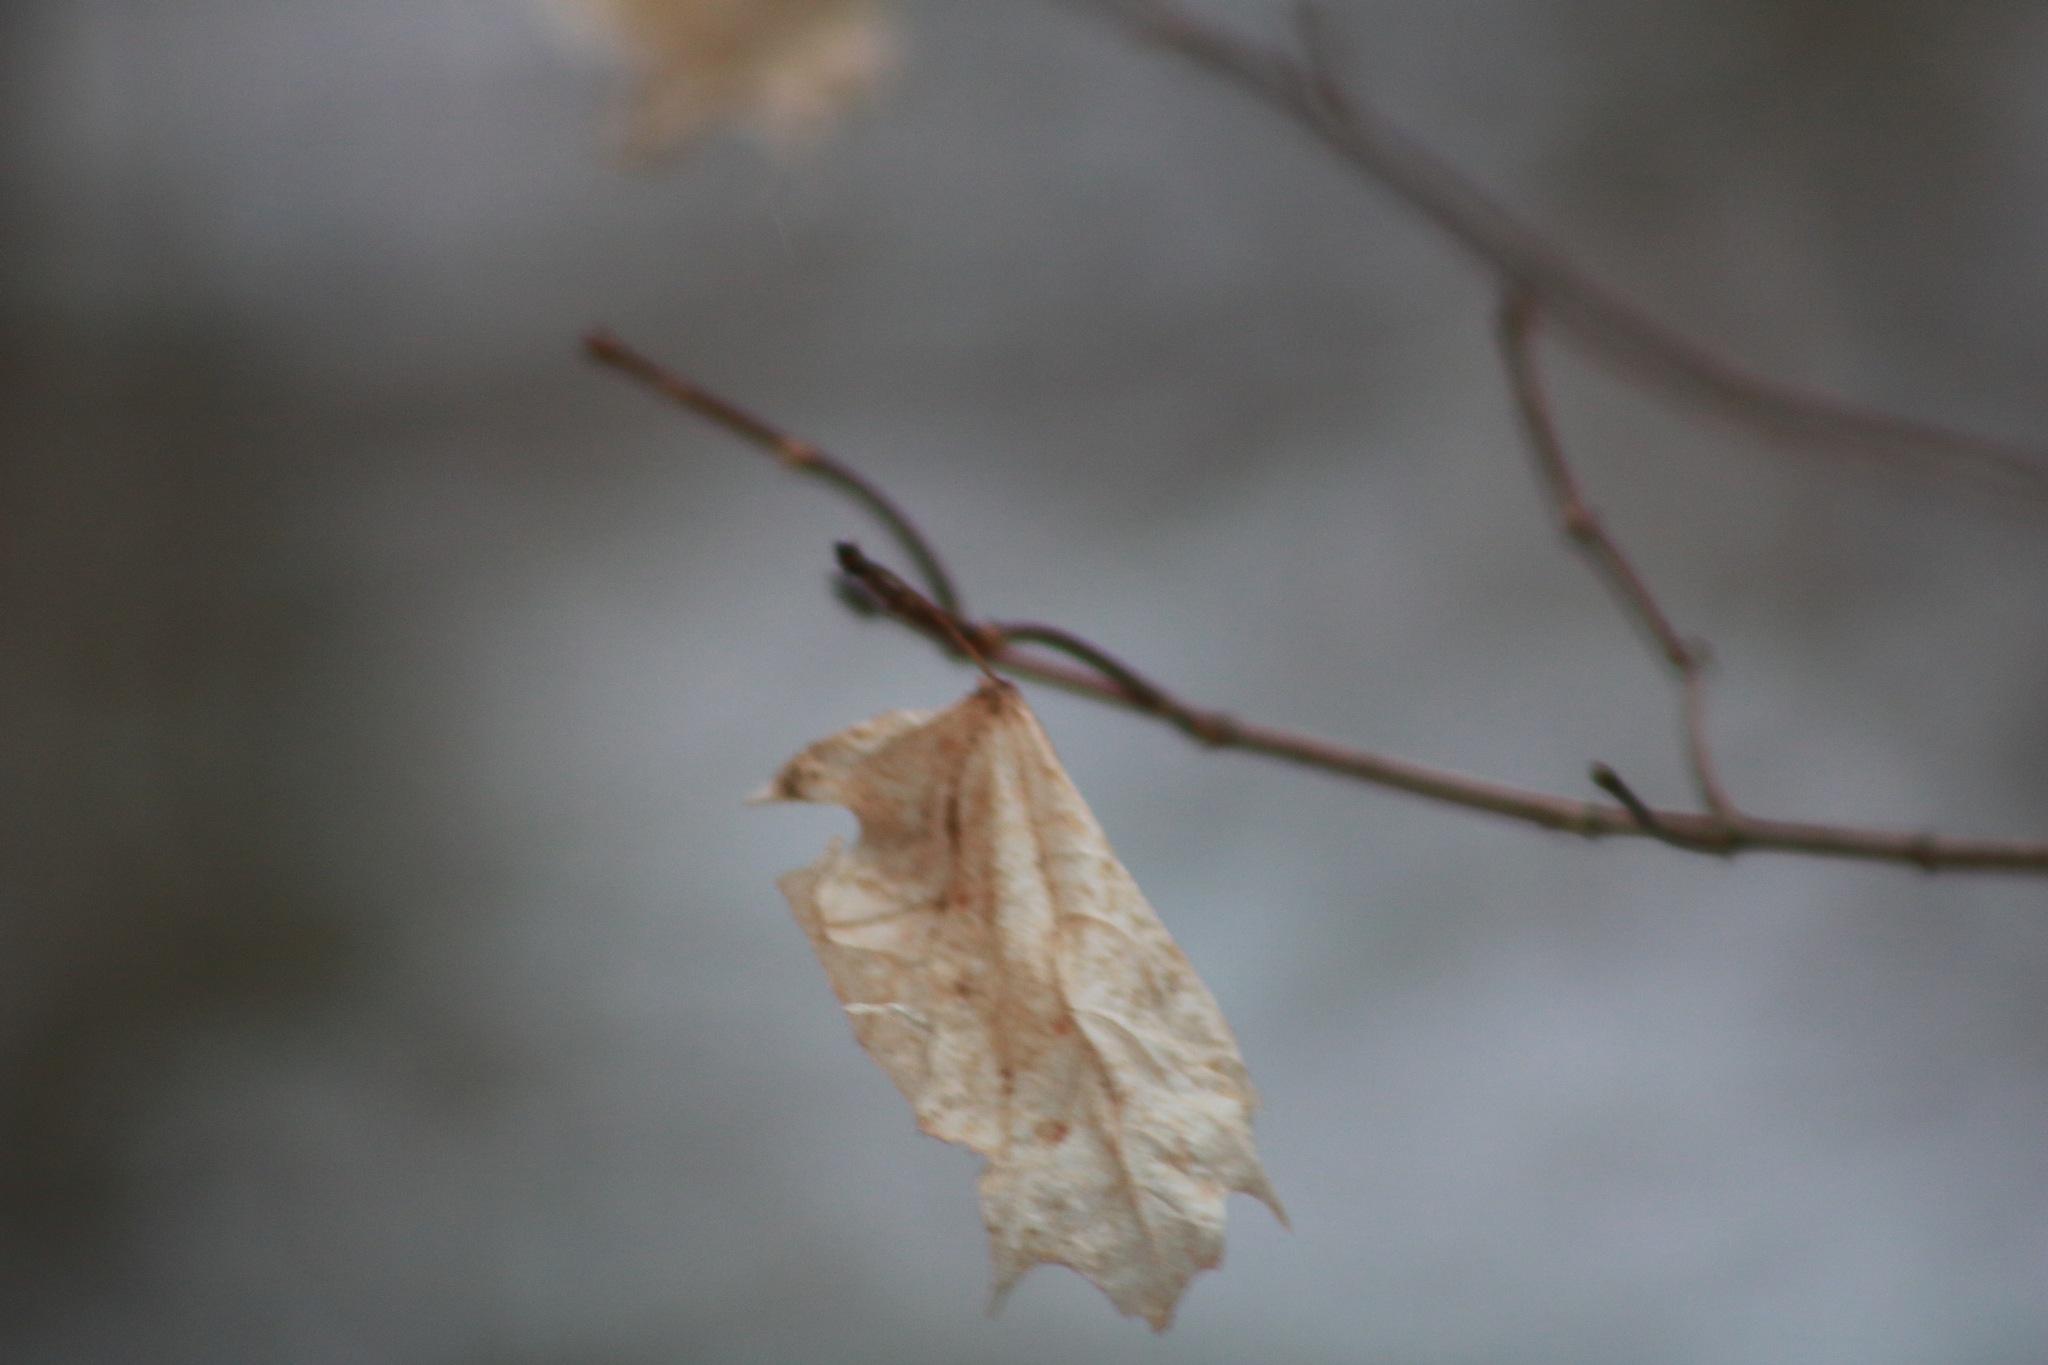 lone leaf by Peter O Merz